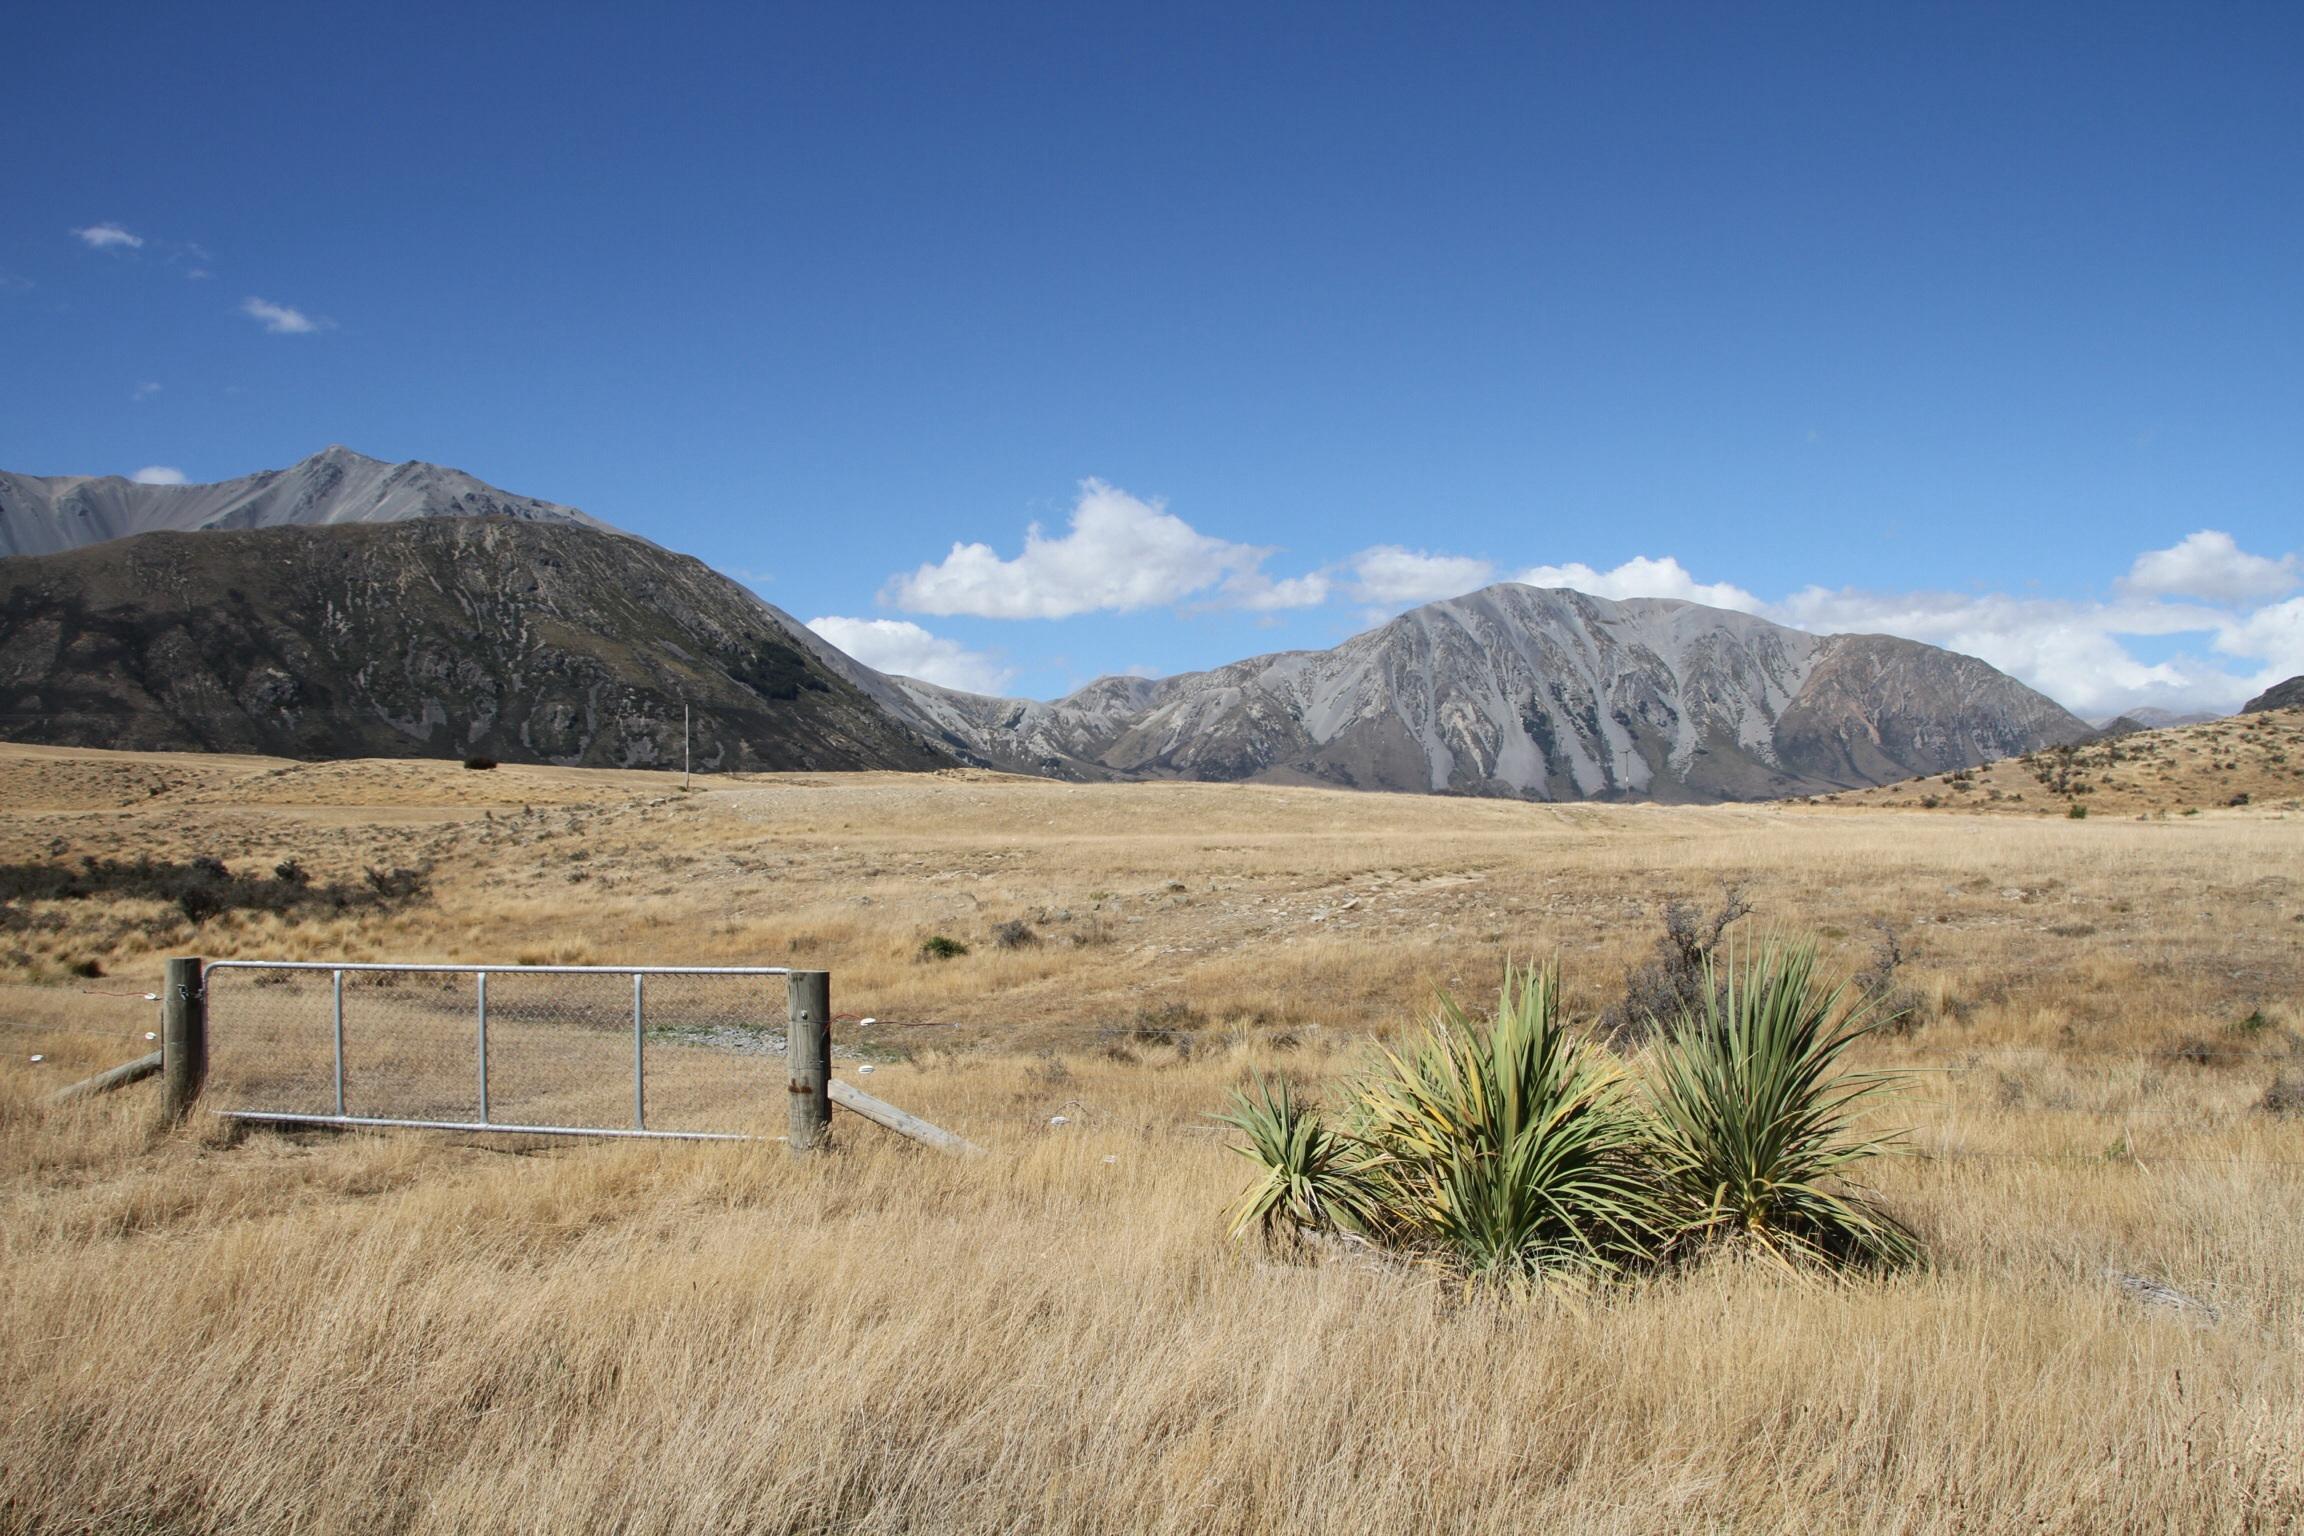 Zelt Mit Nach Neuseeland Nehmen : Eine nacht im farmhaus neuseeland wunderschönen